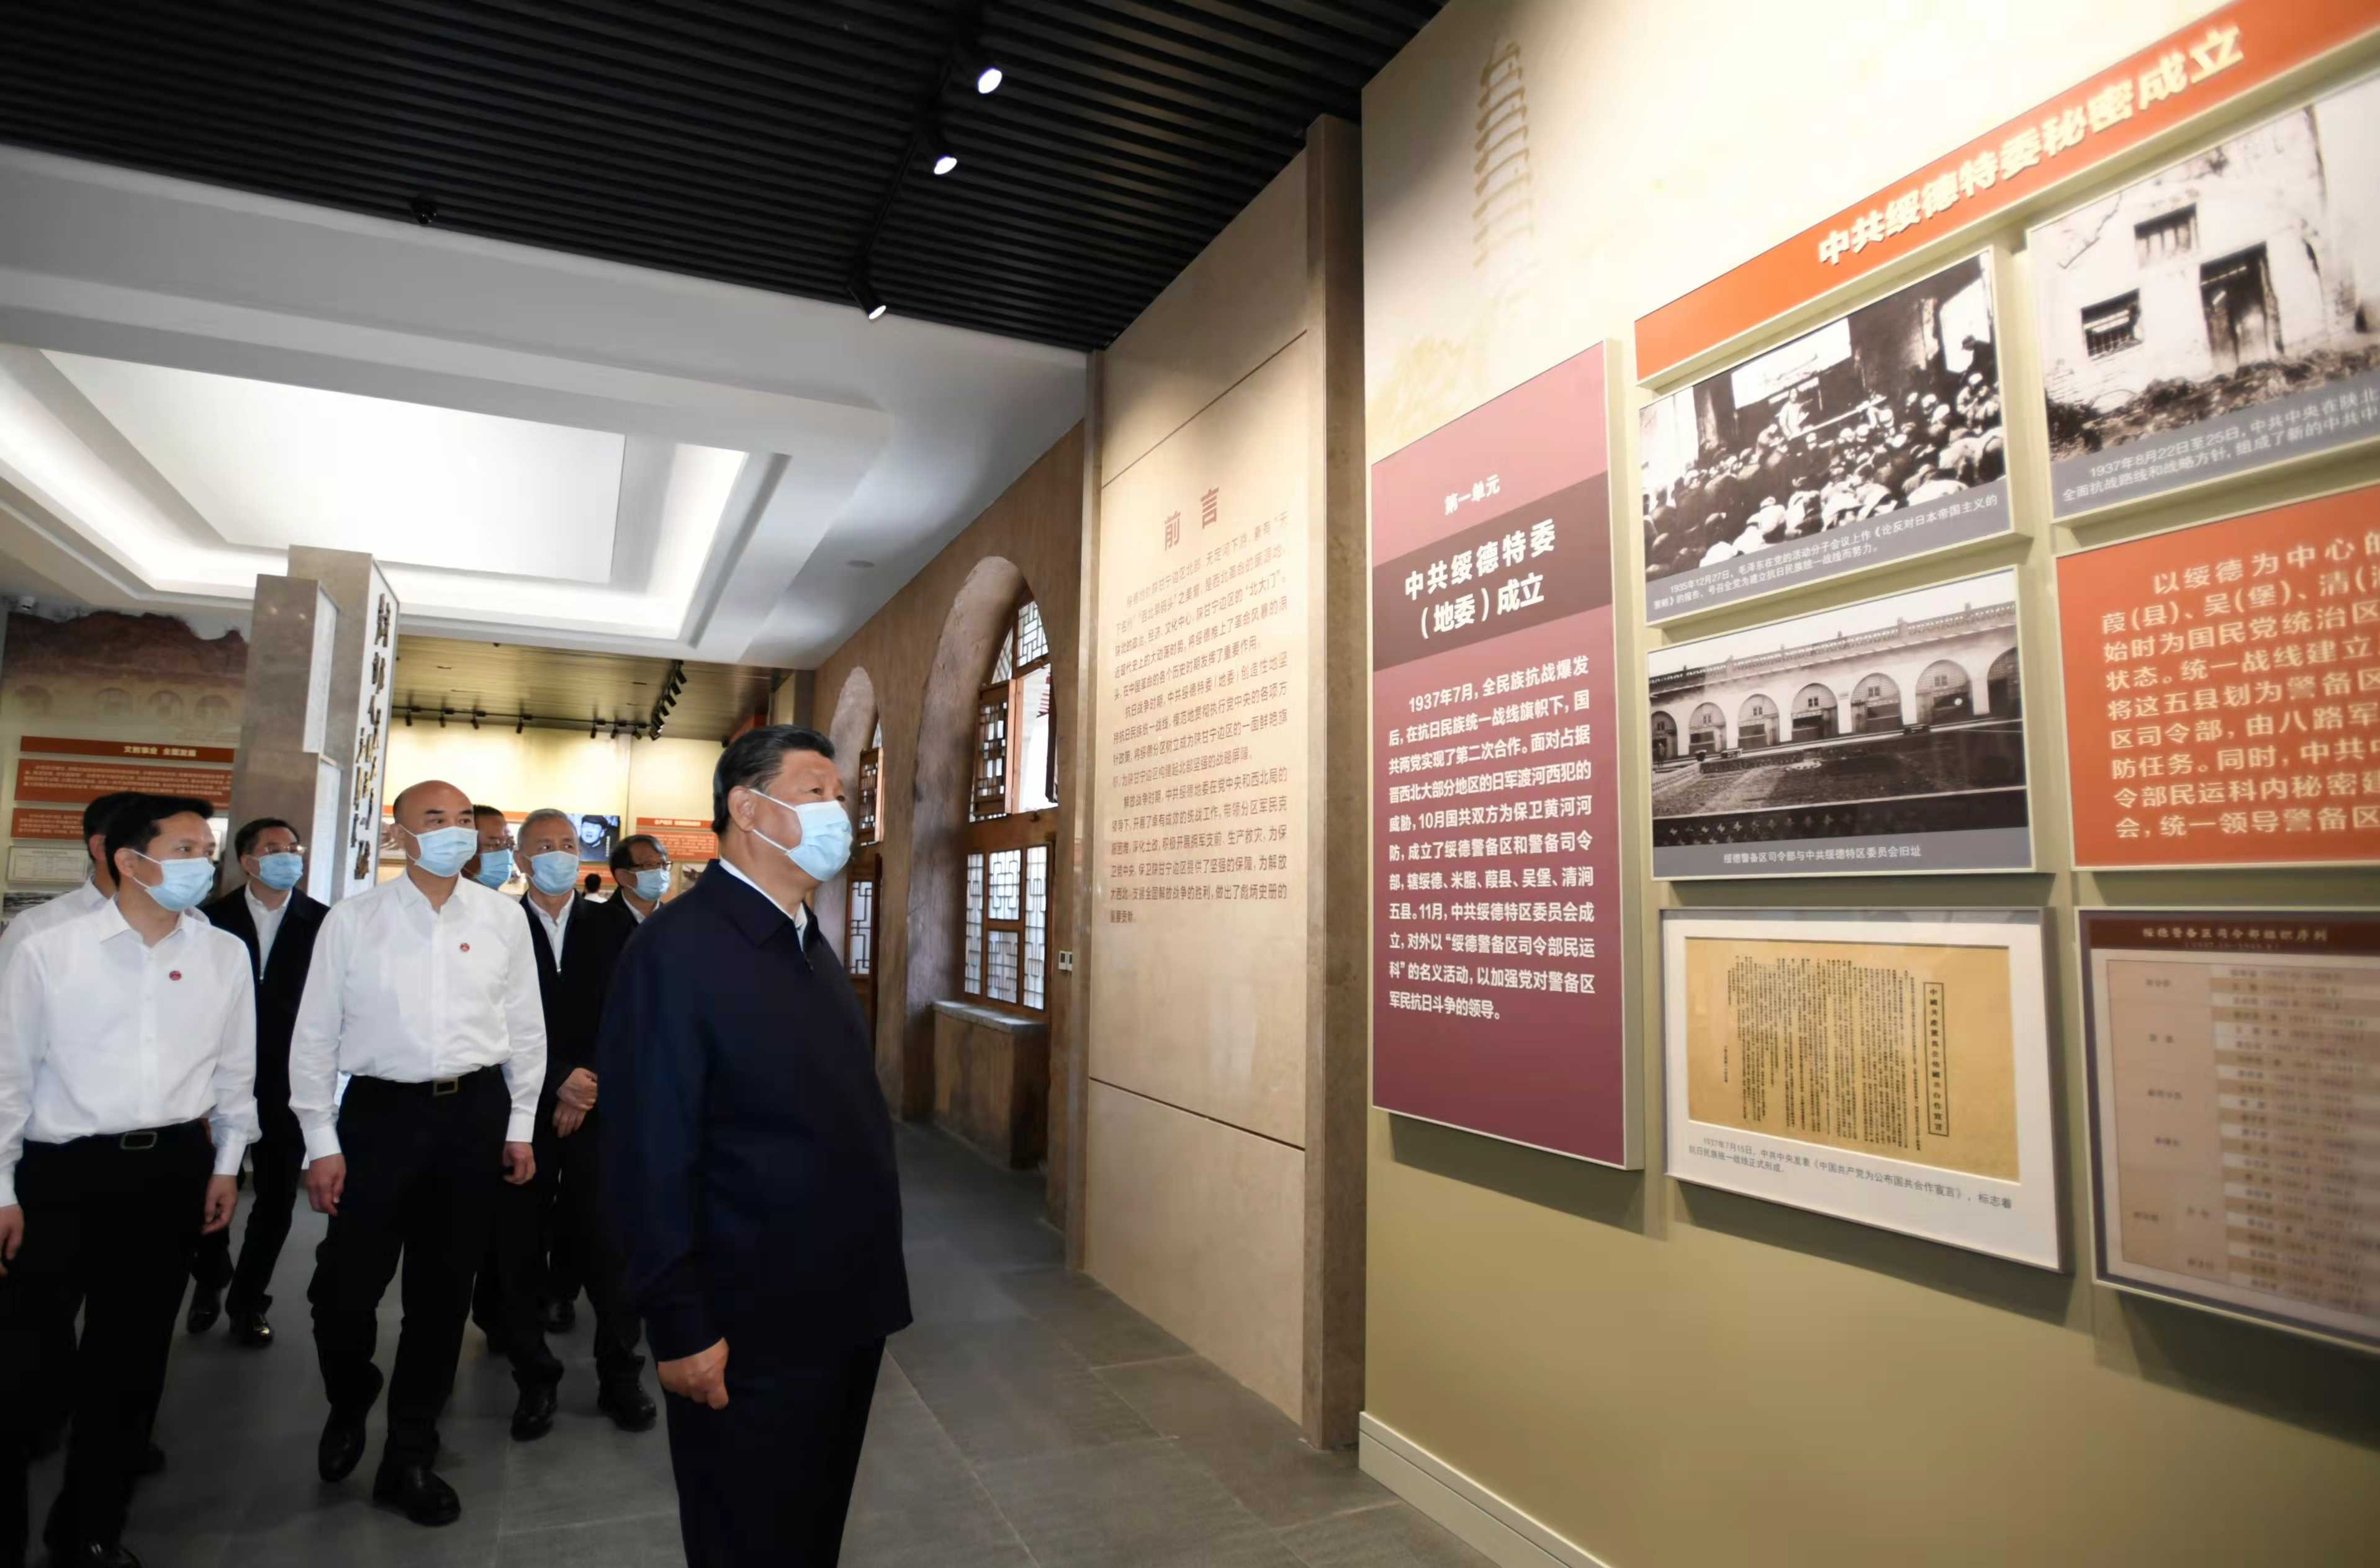 9月14日,习近平在中共绥德地委旧址考察。